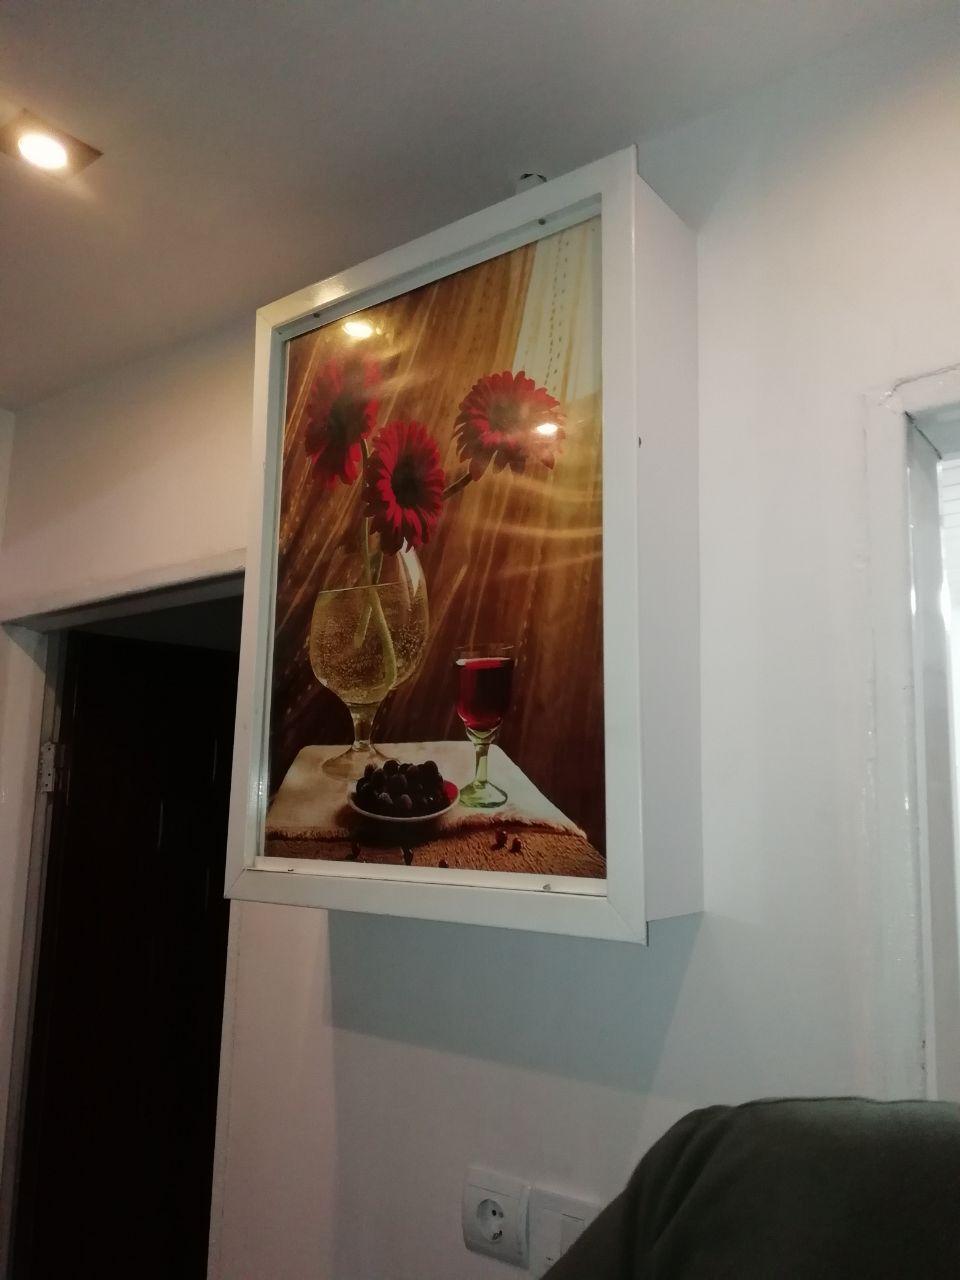 تابلو برق سیستم برق خورشیدی با اینورتر برای منزل